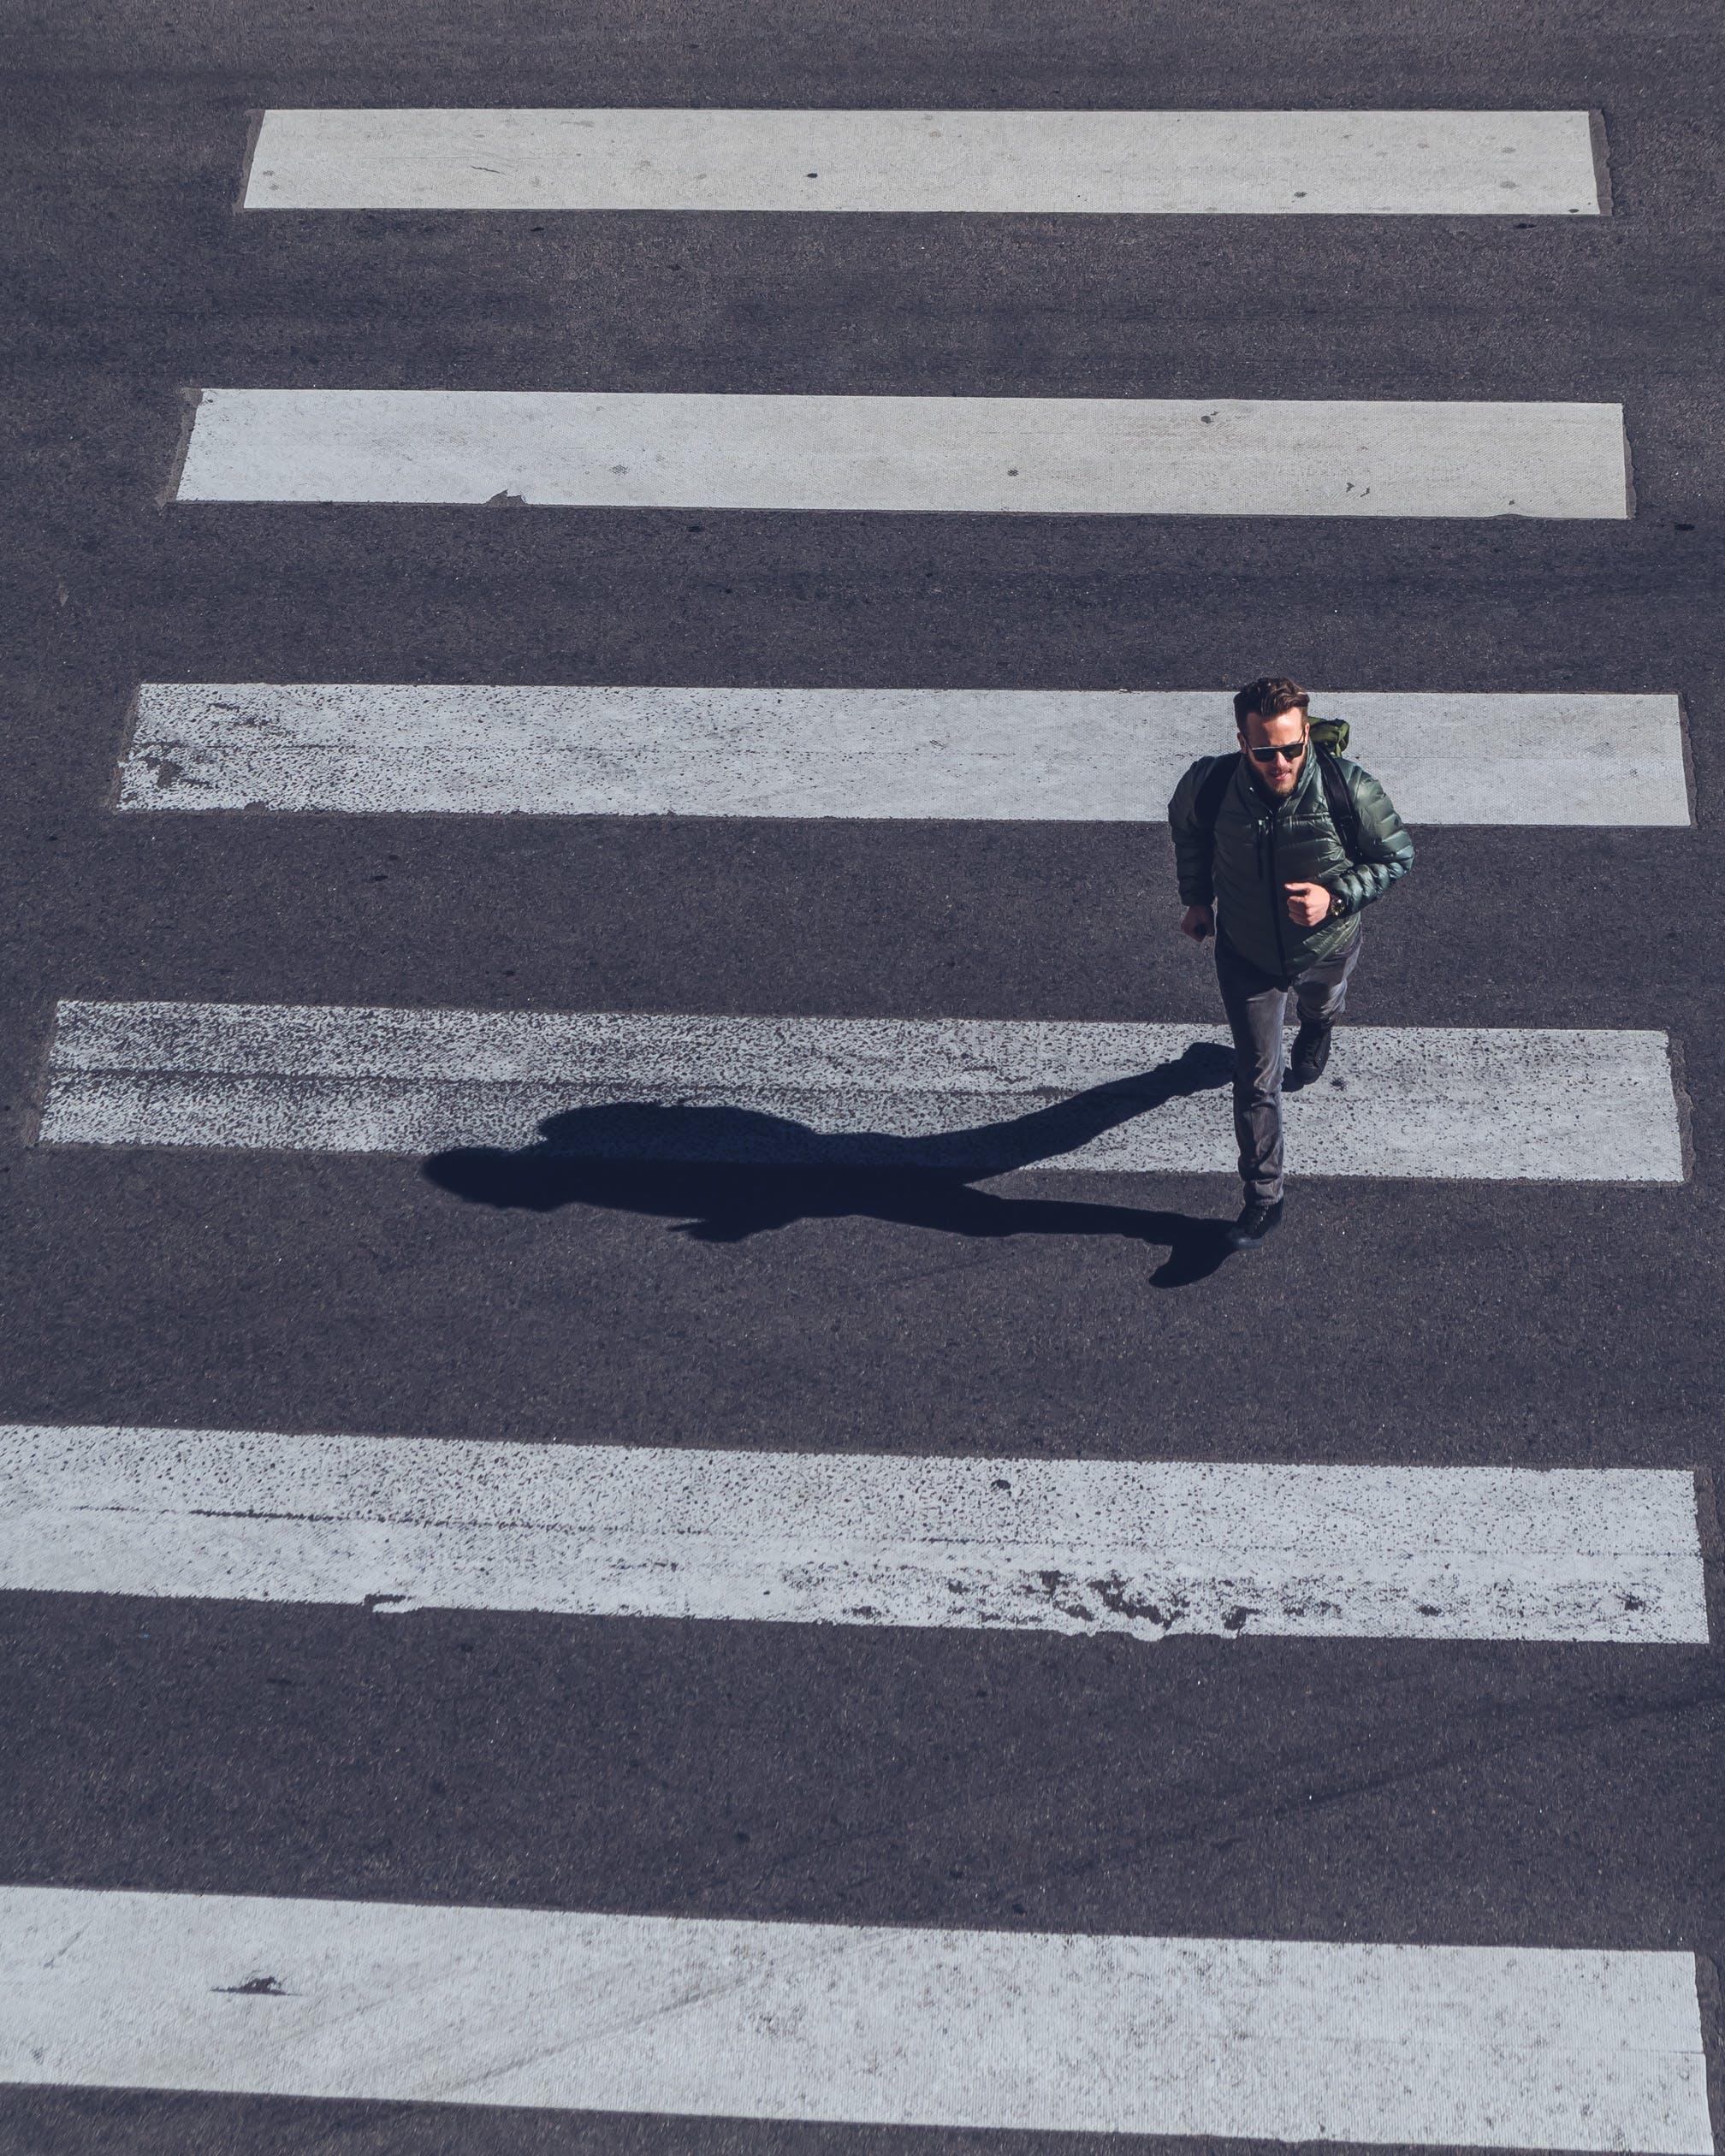 Δωρεάν στοκ φωτογραφιών με άνδρας, διάβαση, δρόμος, ενήλικος